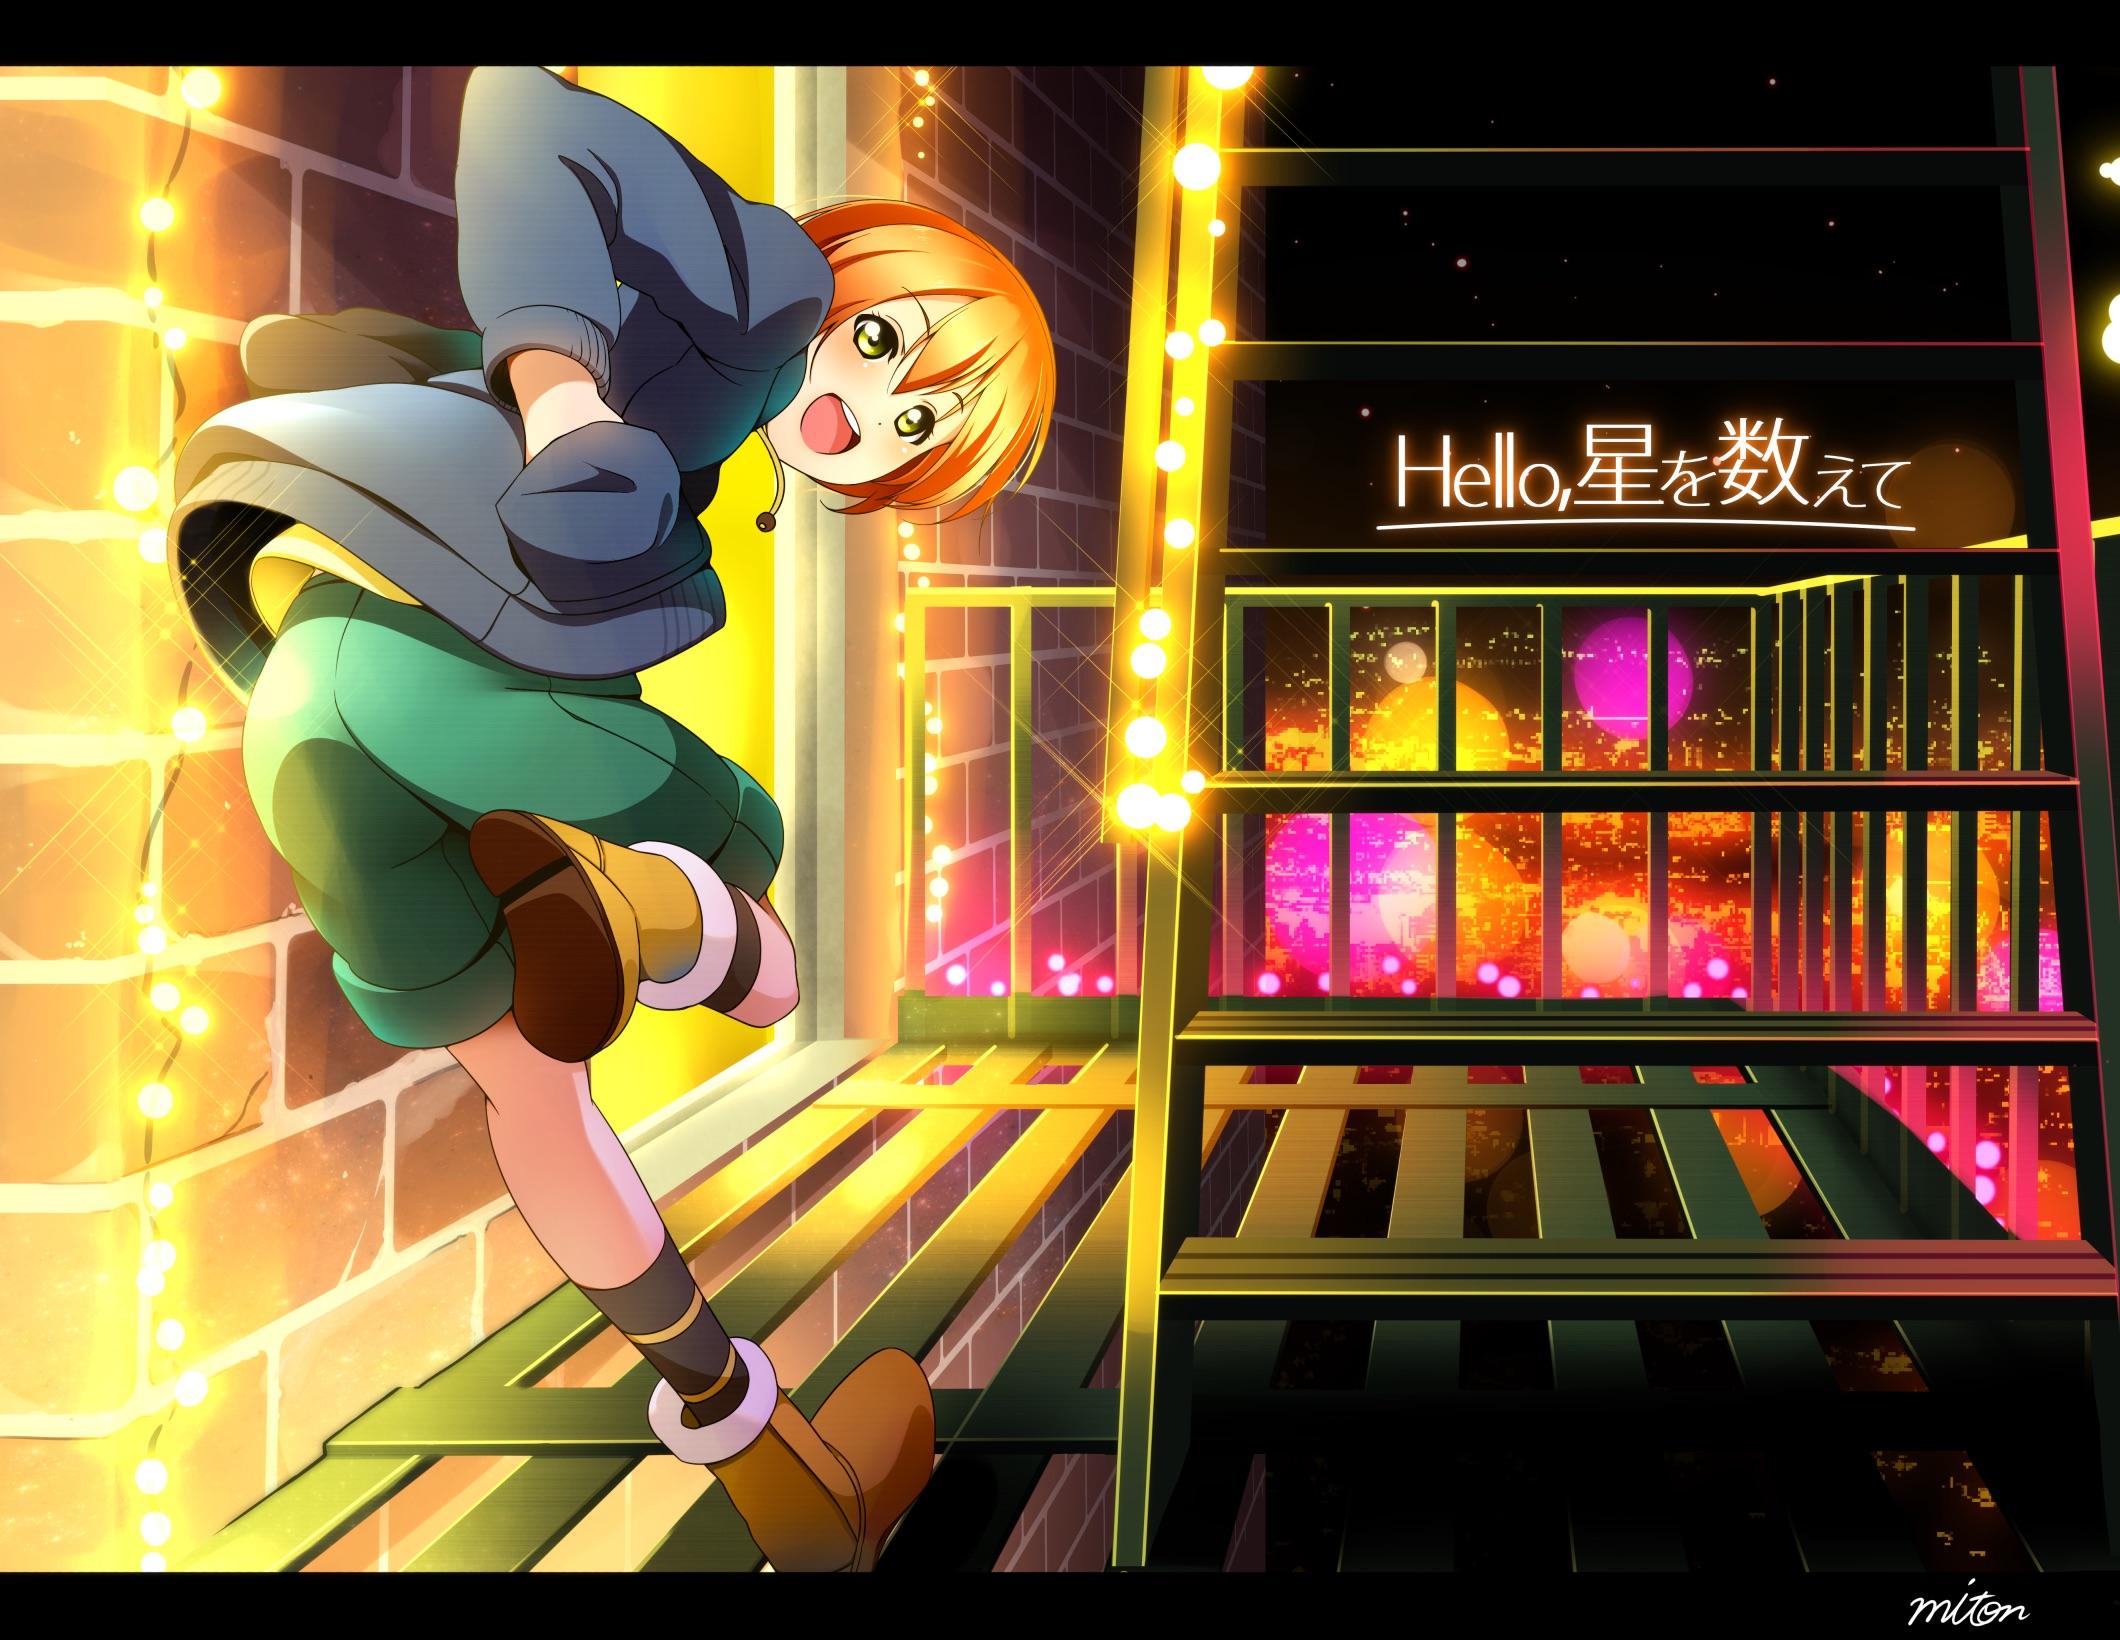 ラブライブ! 星空凛 / LoveLive! Hoshizora Rin #3928